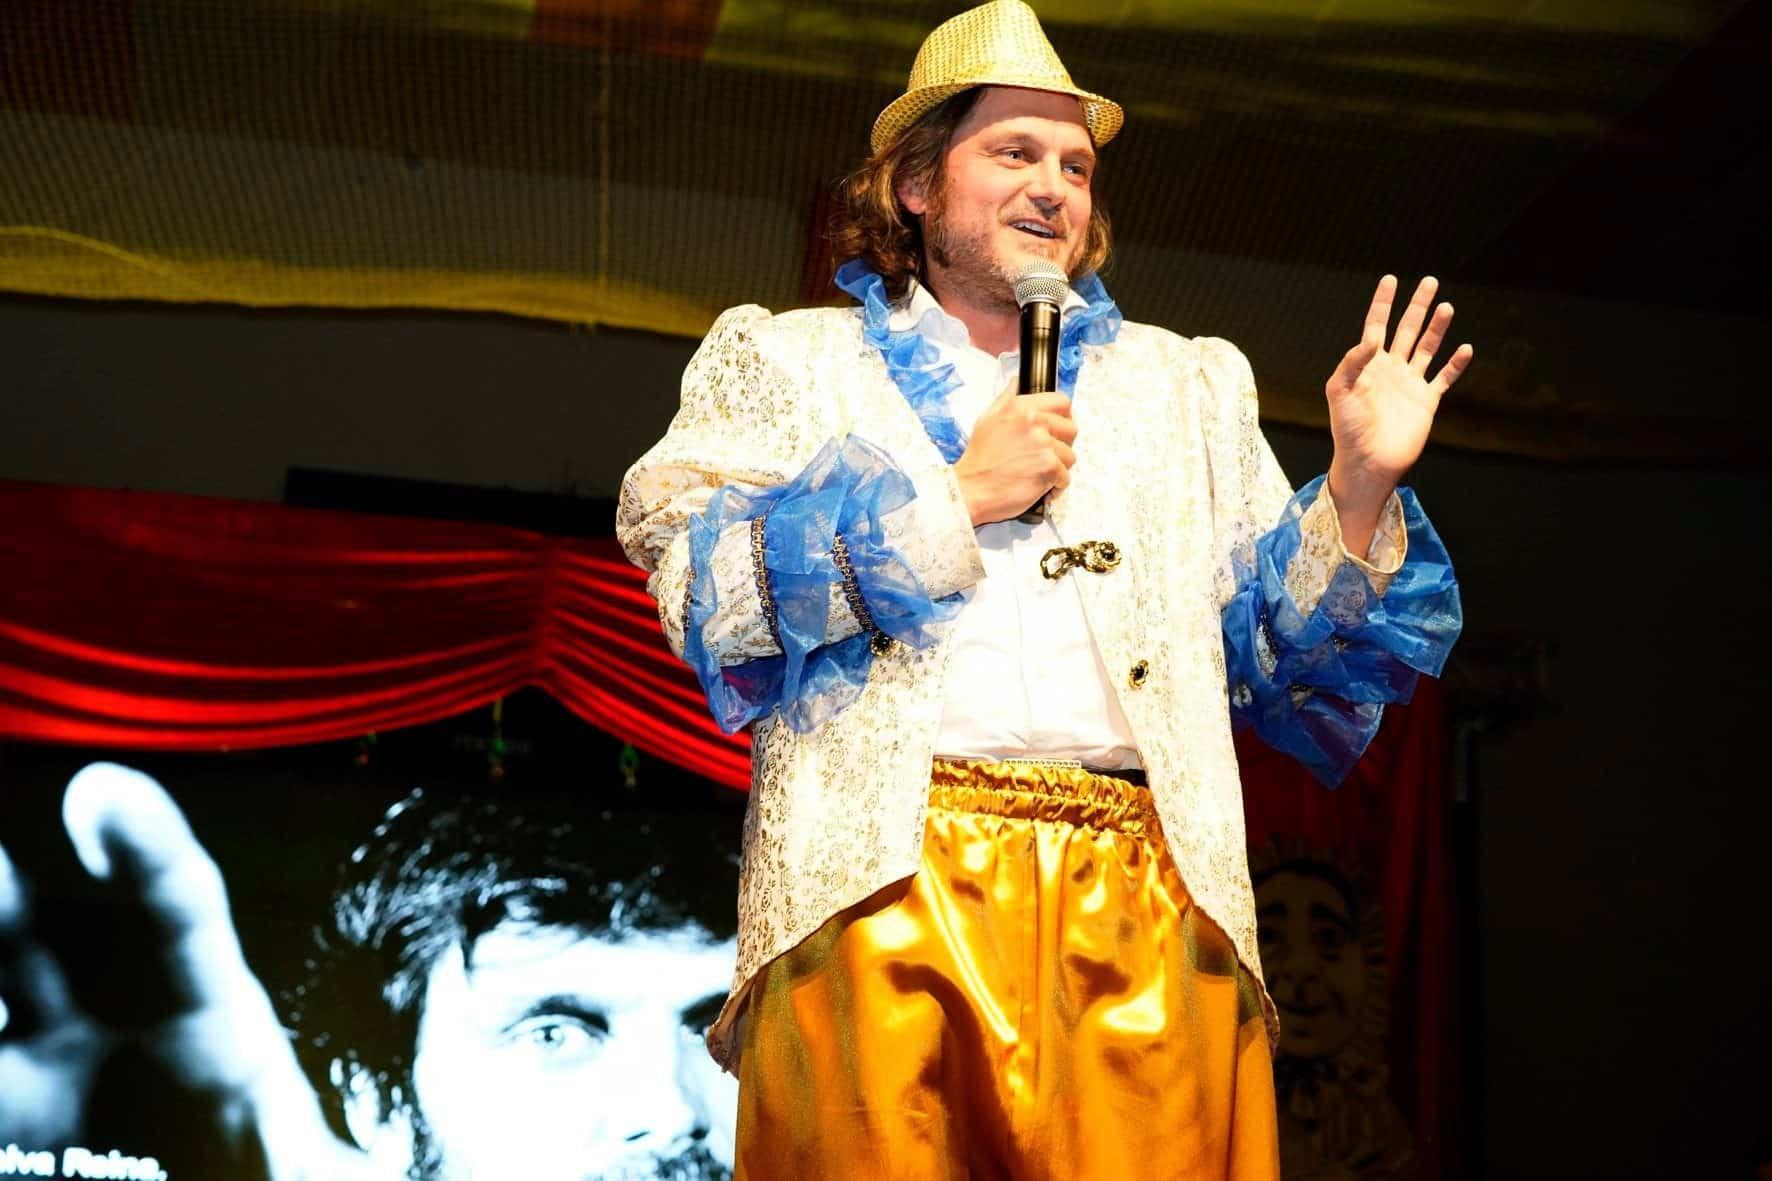 inauguracion carnaval 2020 herencia 8 - Inauguración del Carnaval de Herencia 2020